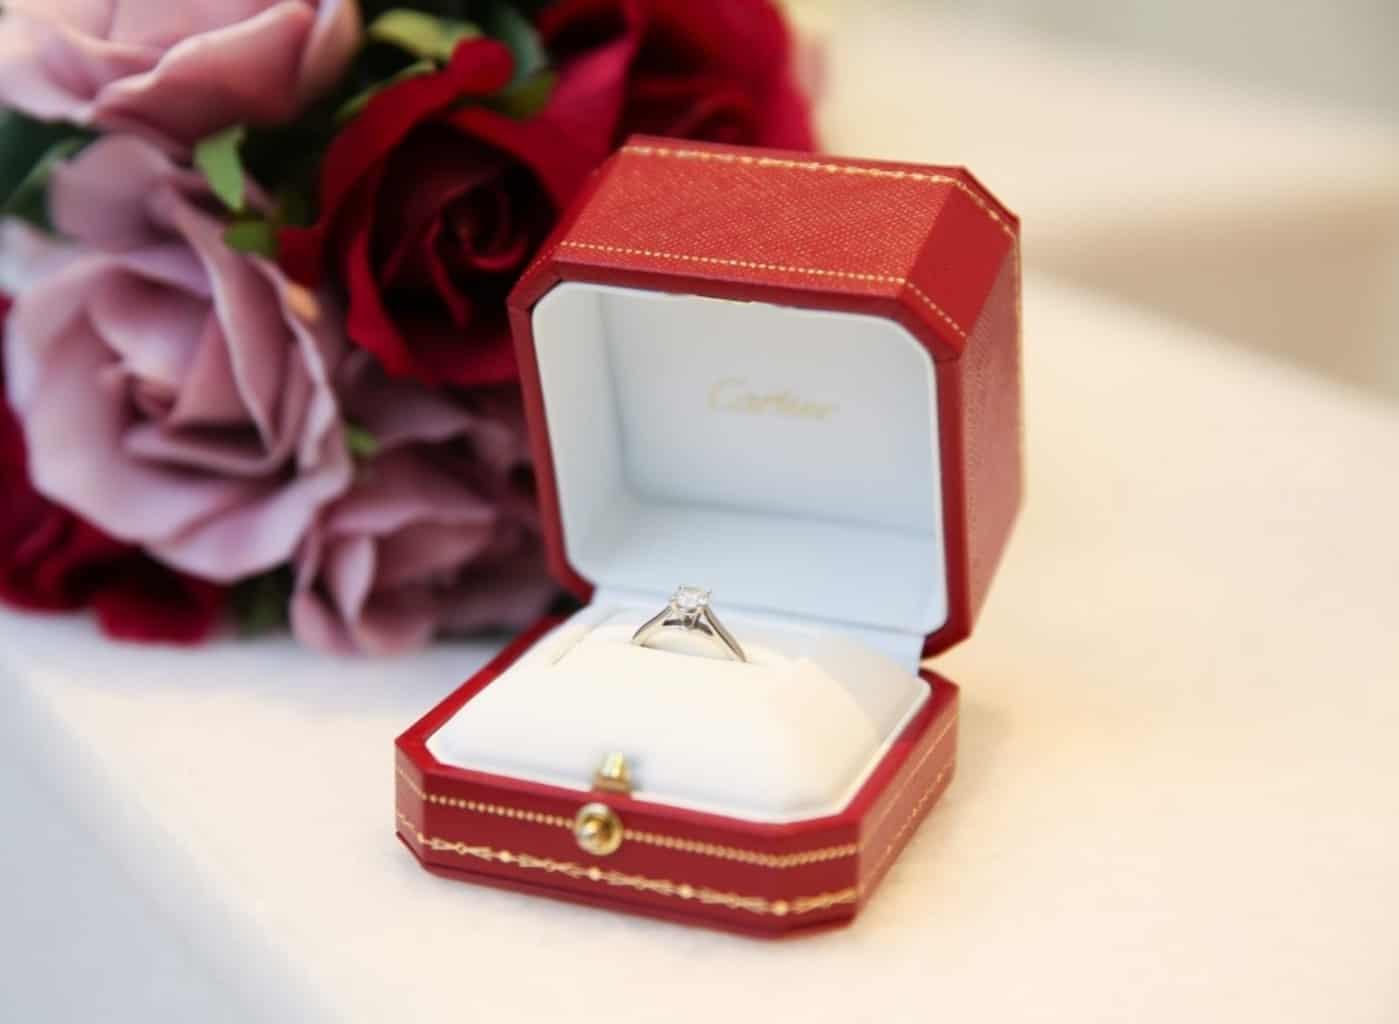 婚約指輪はカルティエが良い!花嫁のリアルな評判・体験を集めました♡のカバー写真 0.731951393852752